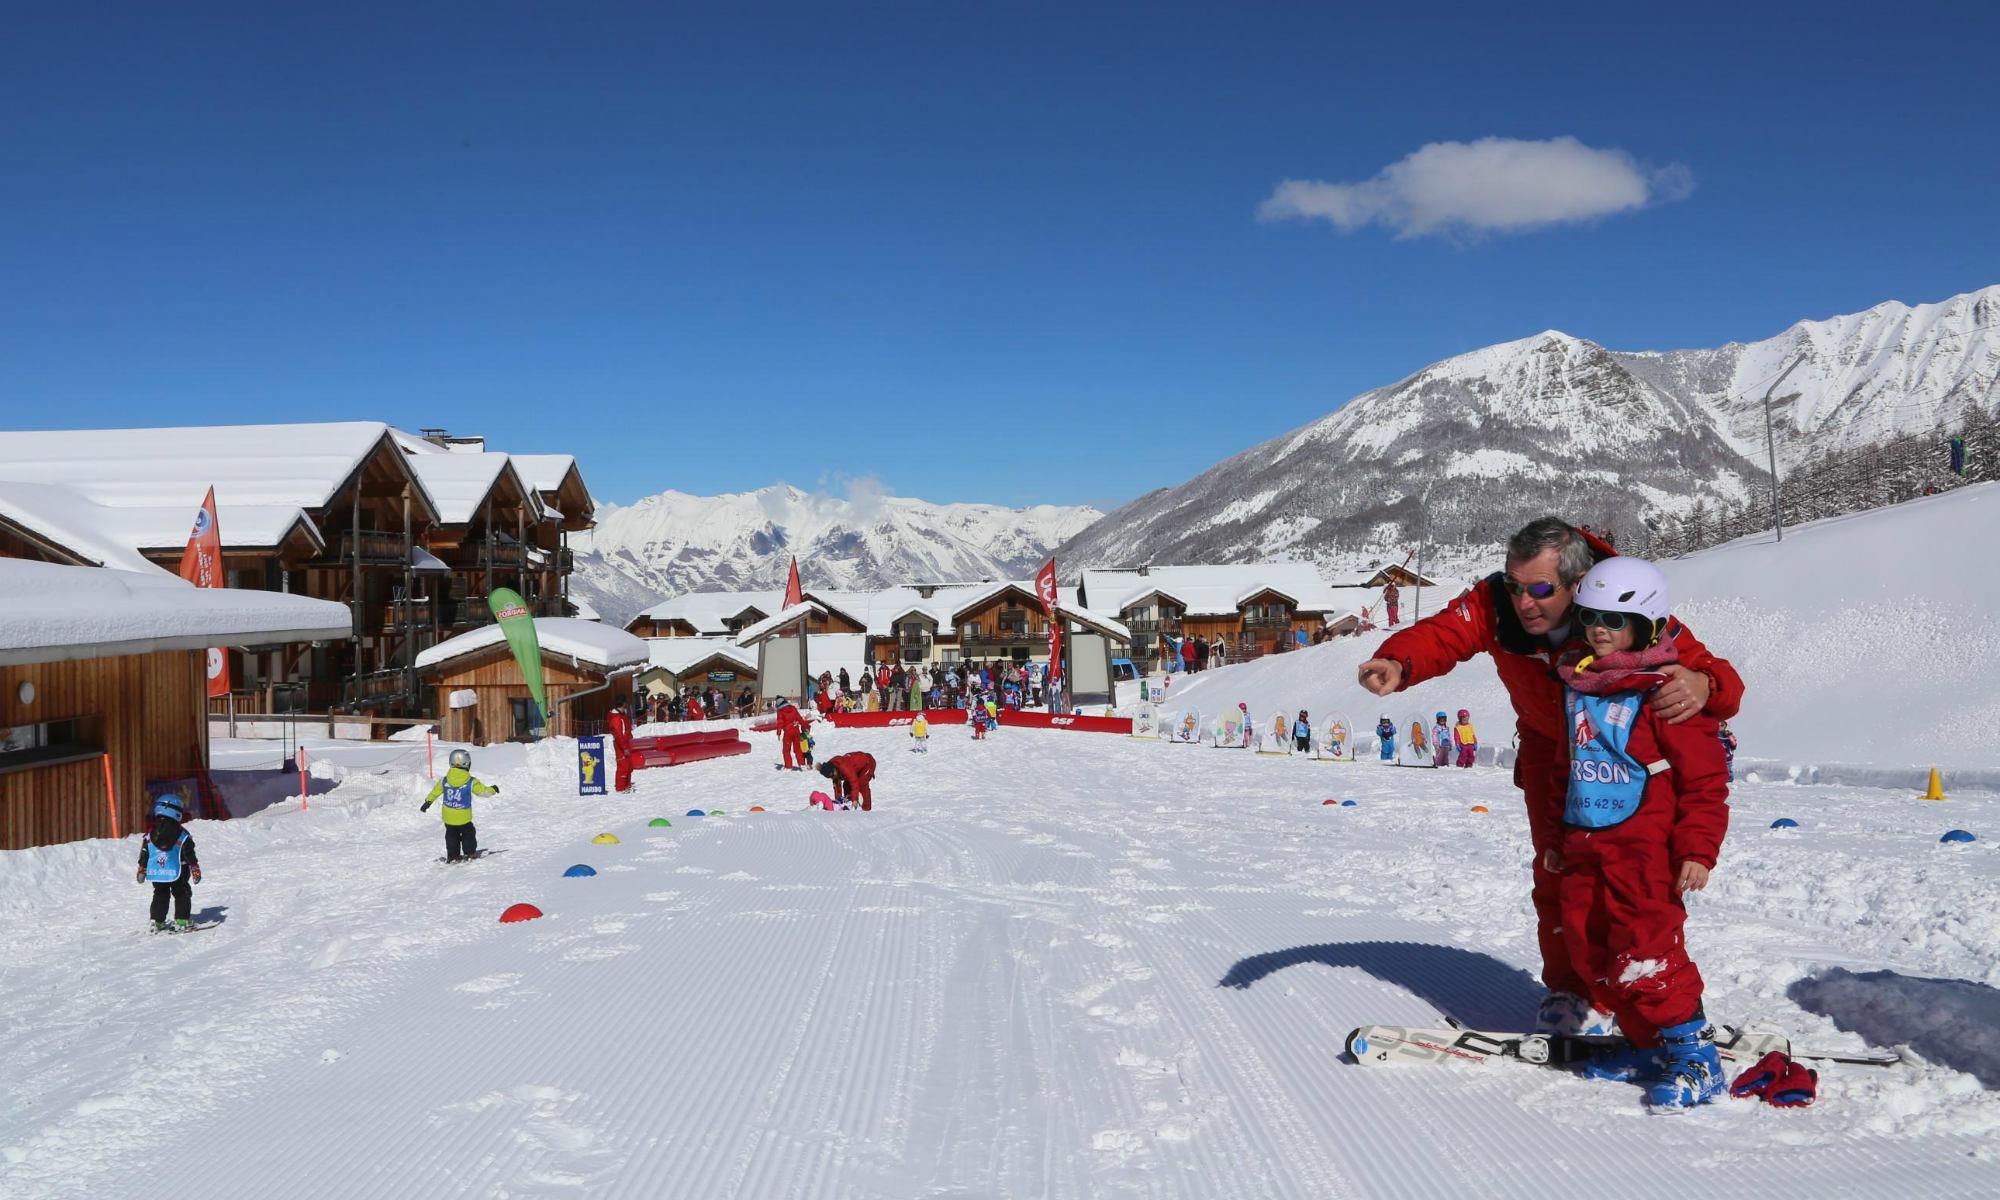 Kinder lernen das Skifahren mit Hilfe von kindgerechten Übungsutensilien in Les Orres.